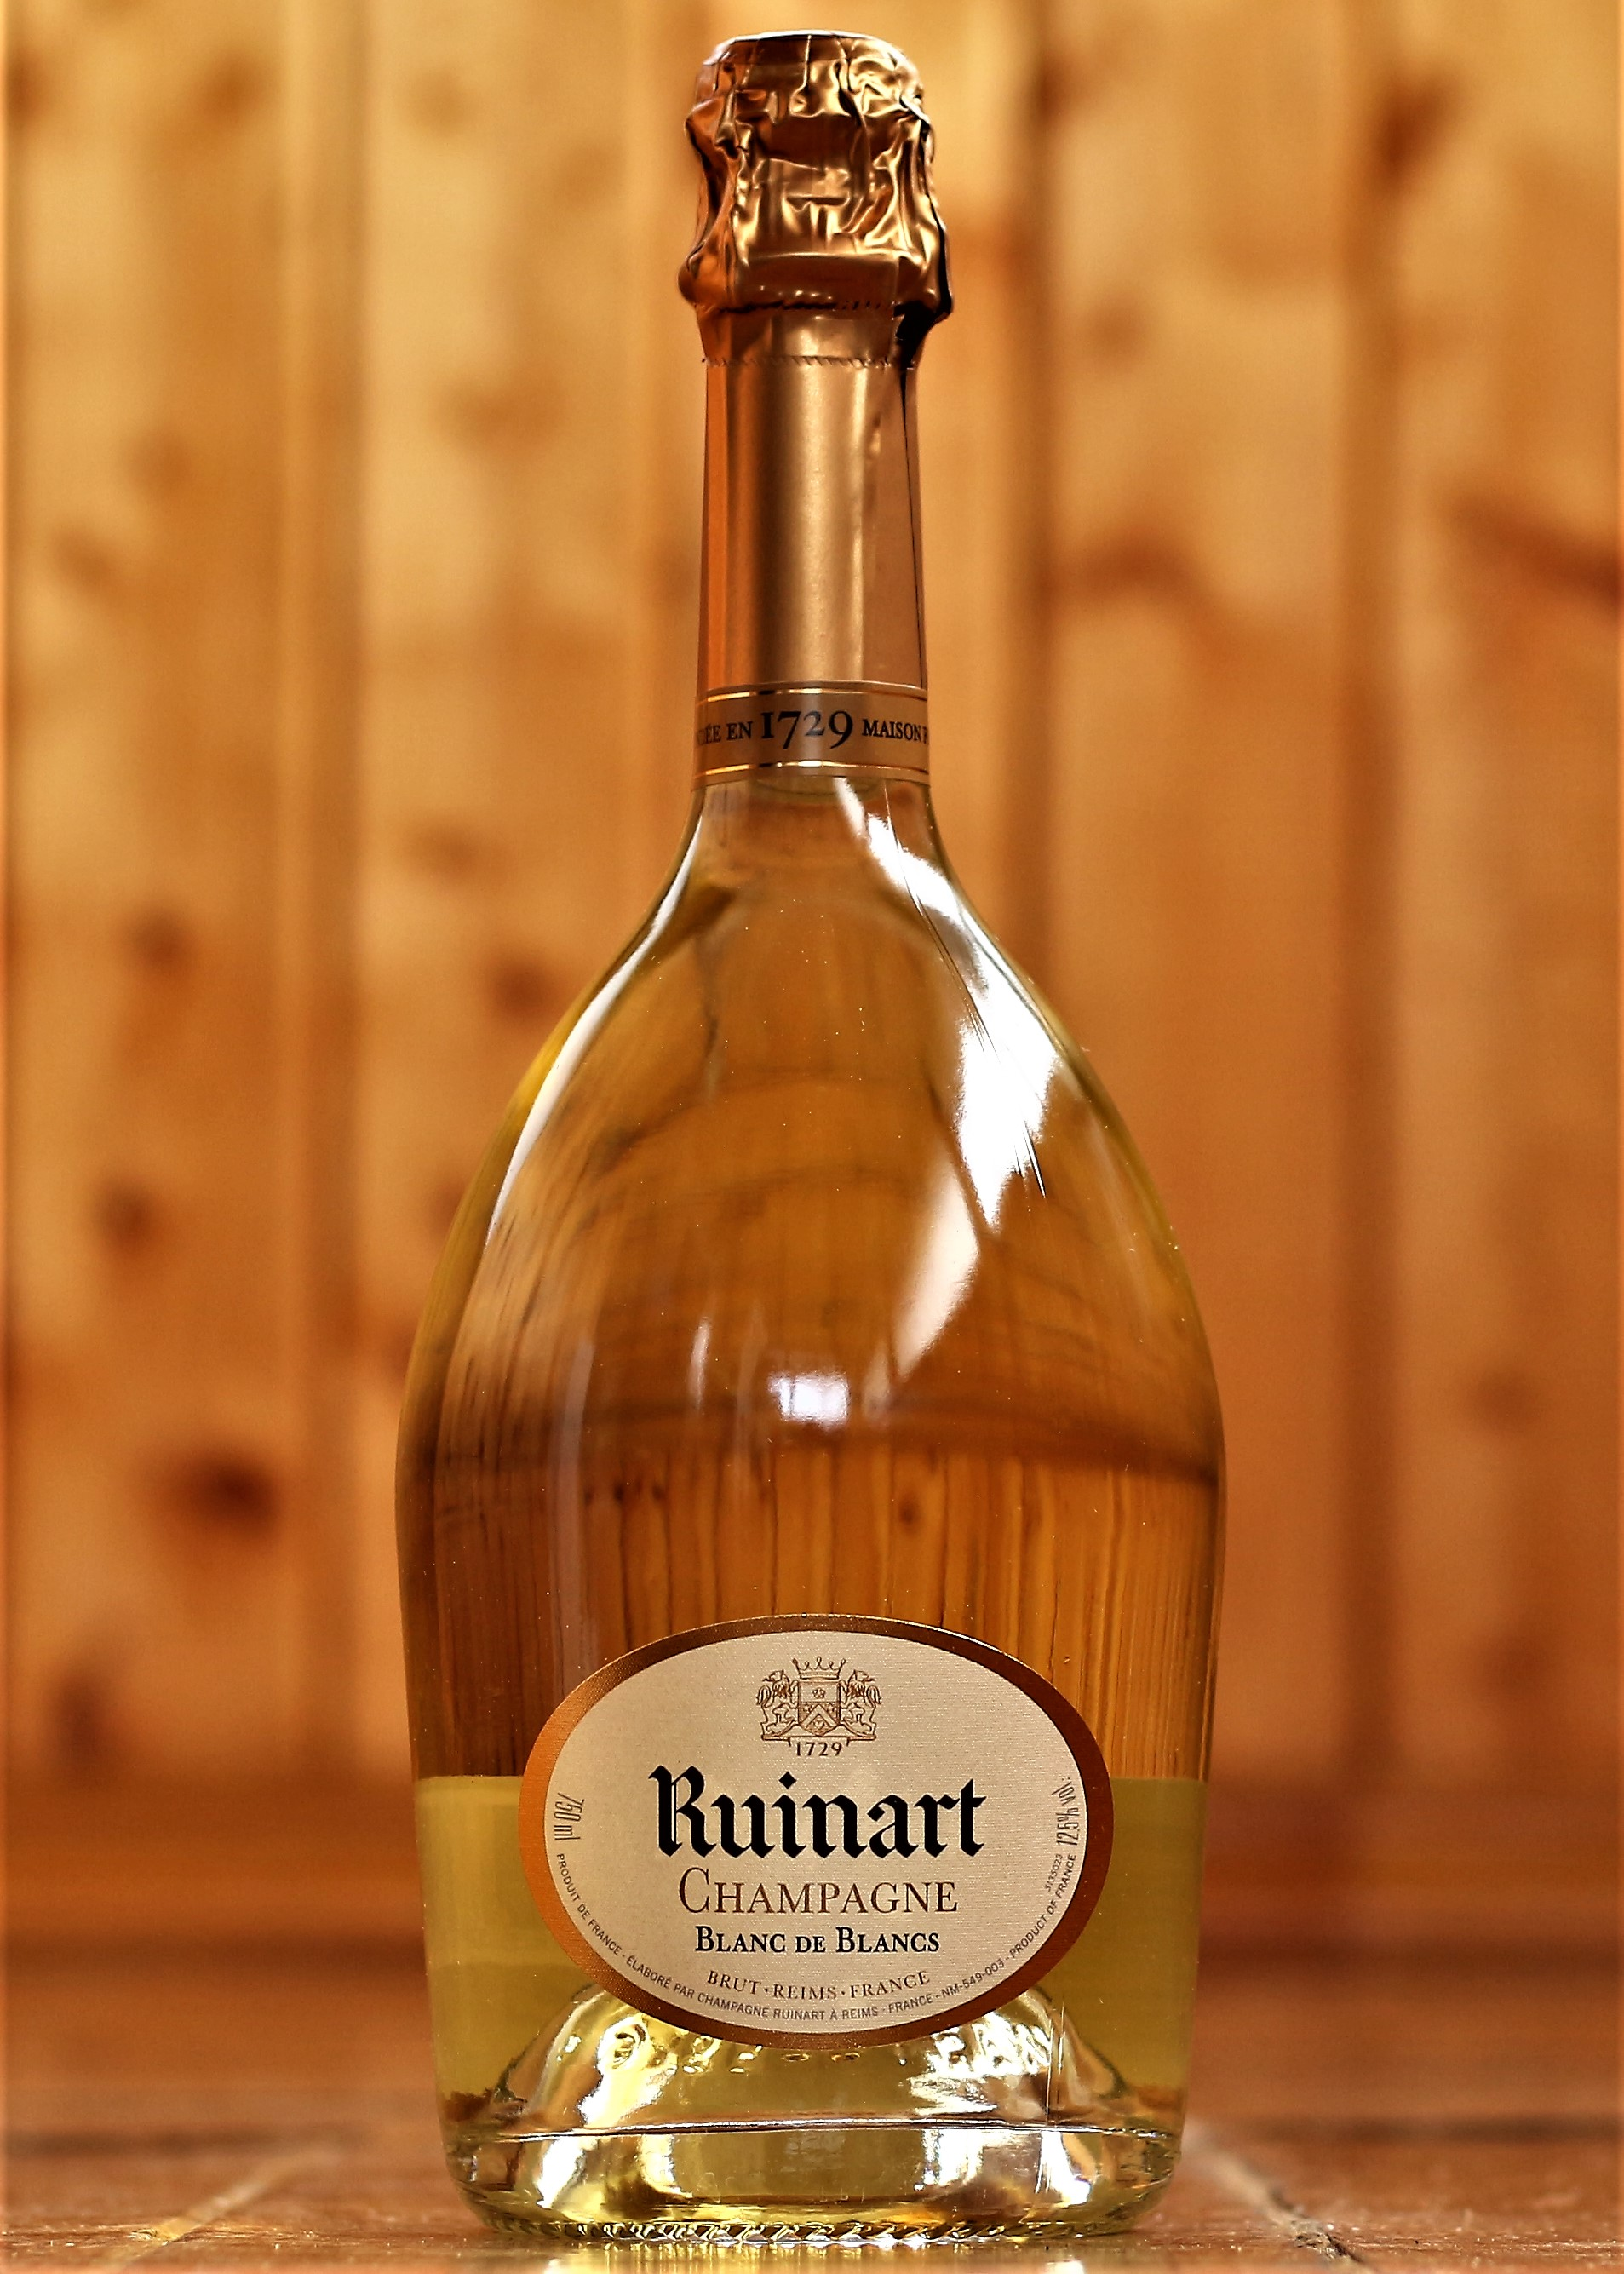 Шампанское Ruinart купить в Москве по отличной цене